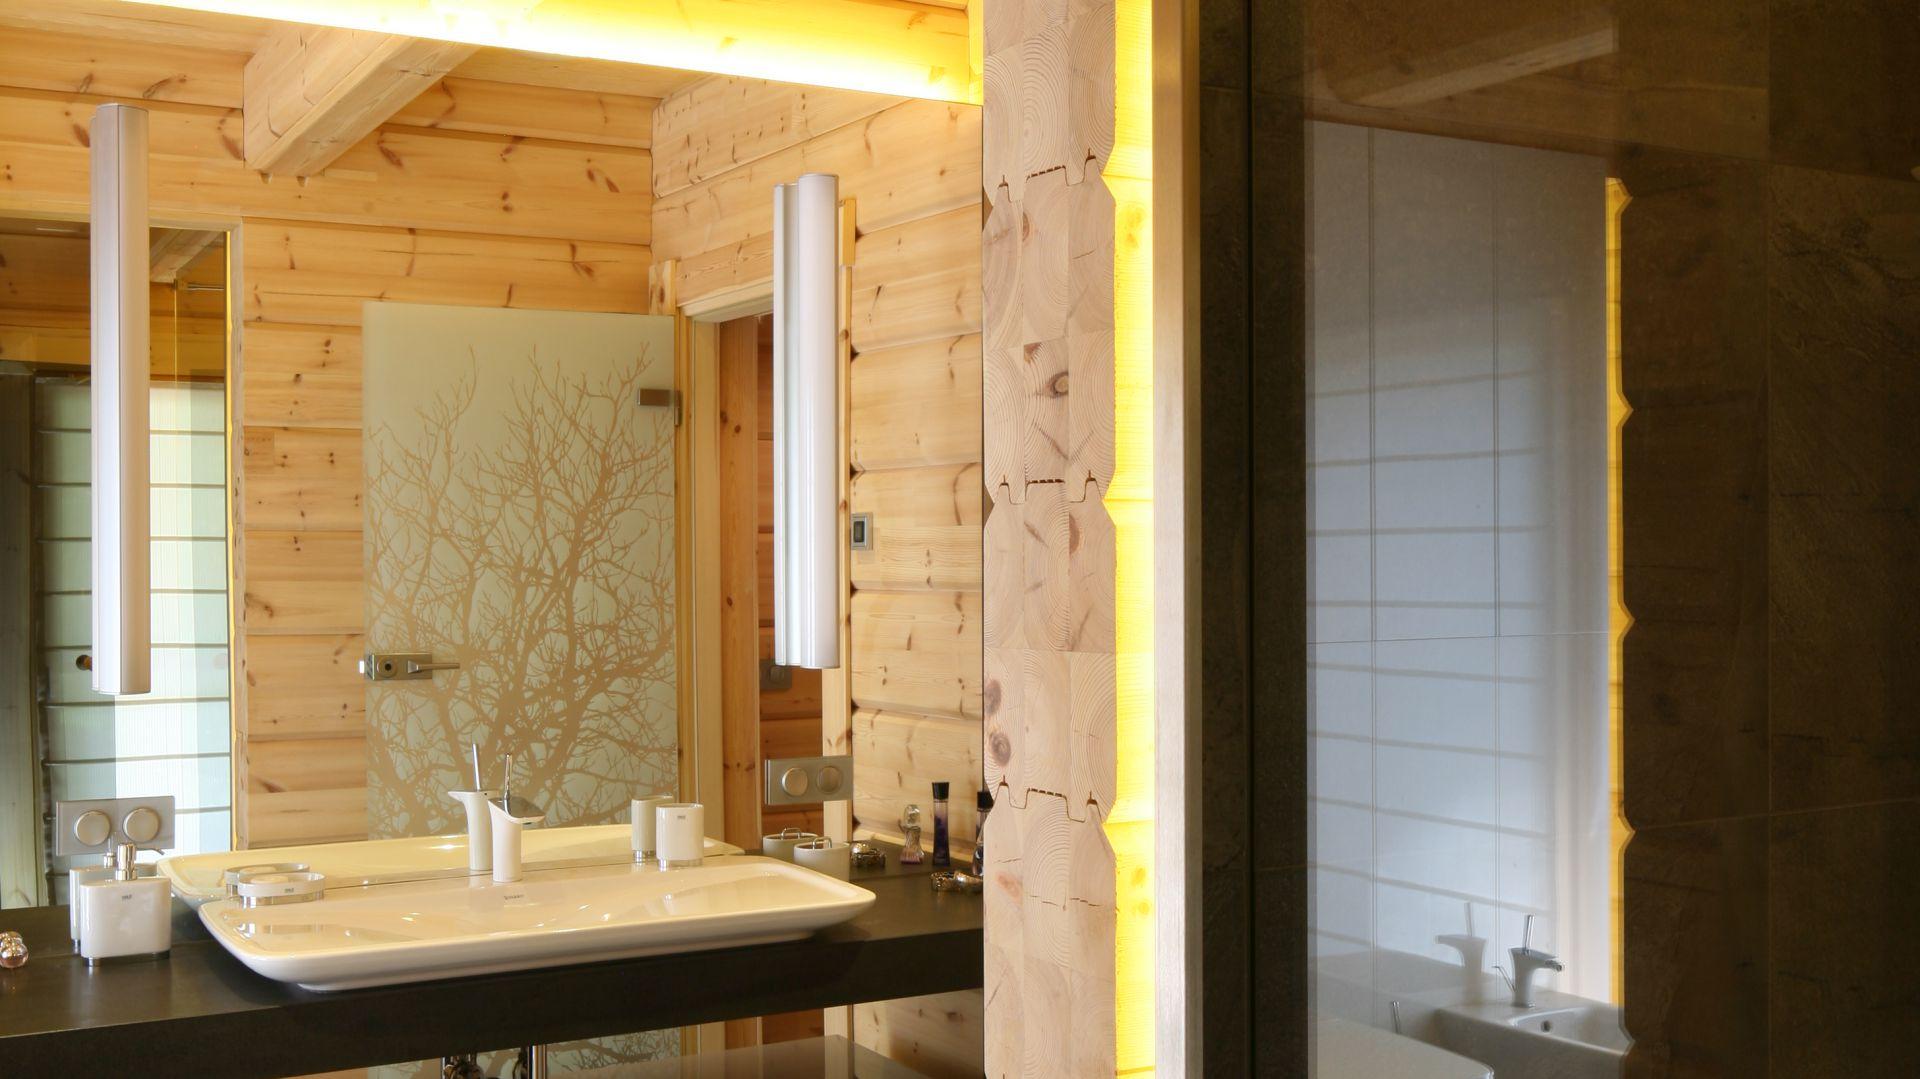 łazienka Ocieplona Drewnem Tak Urządzają Polacy